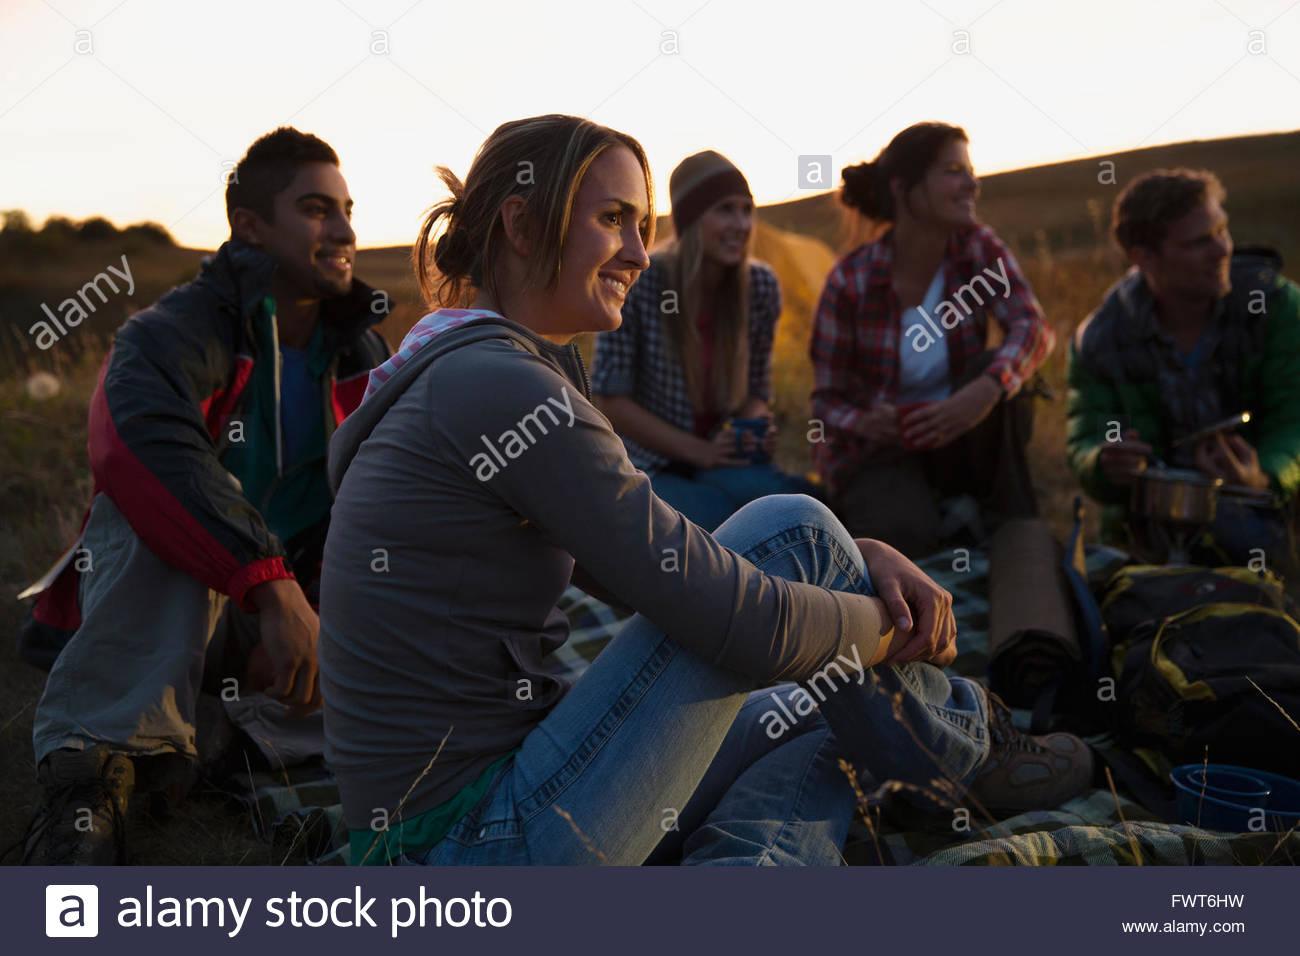 Amigos sentados al aire libre al atardecer. Imagen De Stock